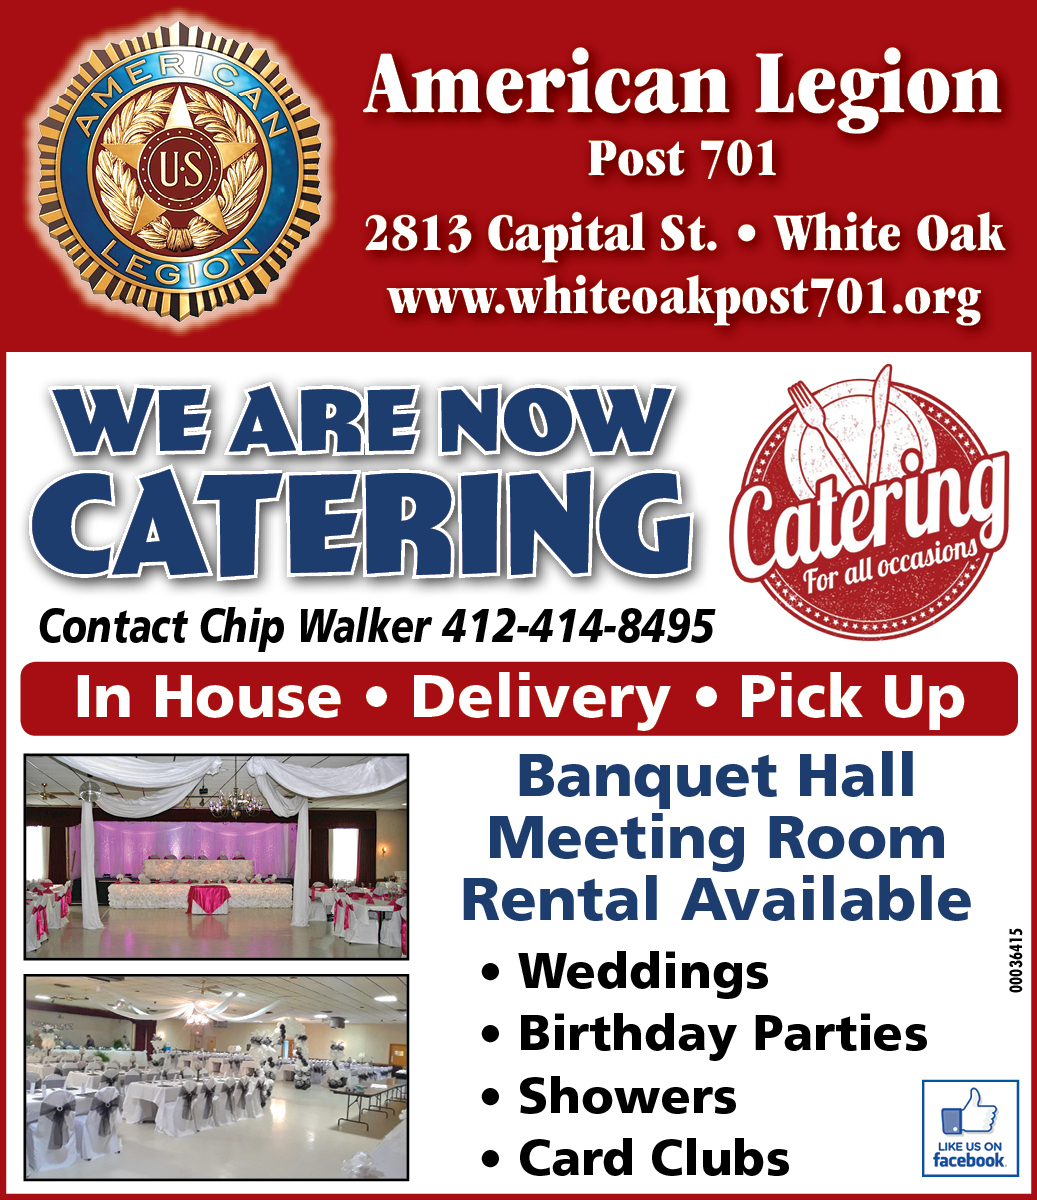 00036415_American Legion_2x4